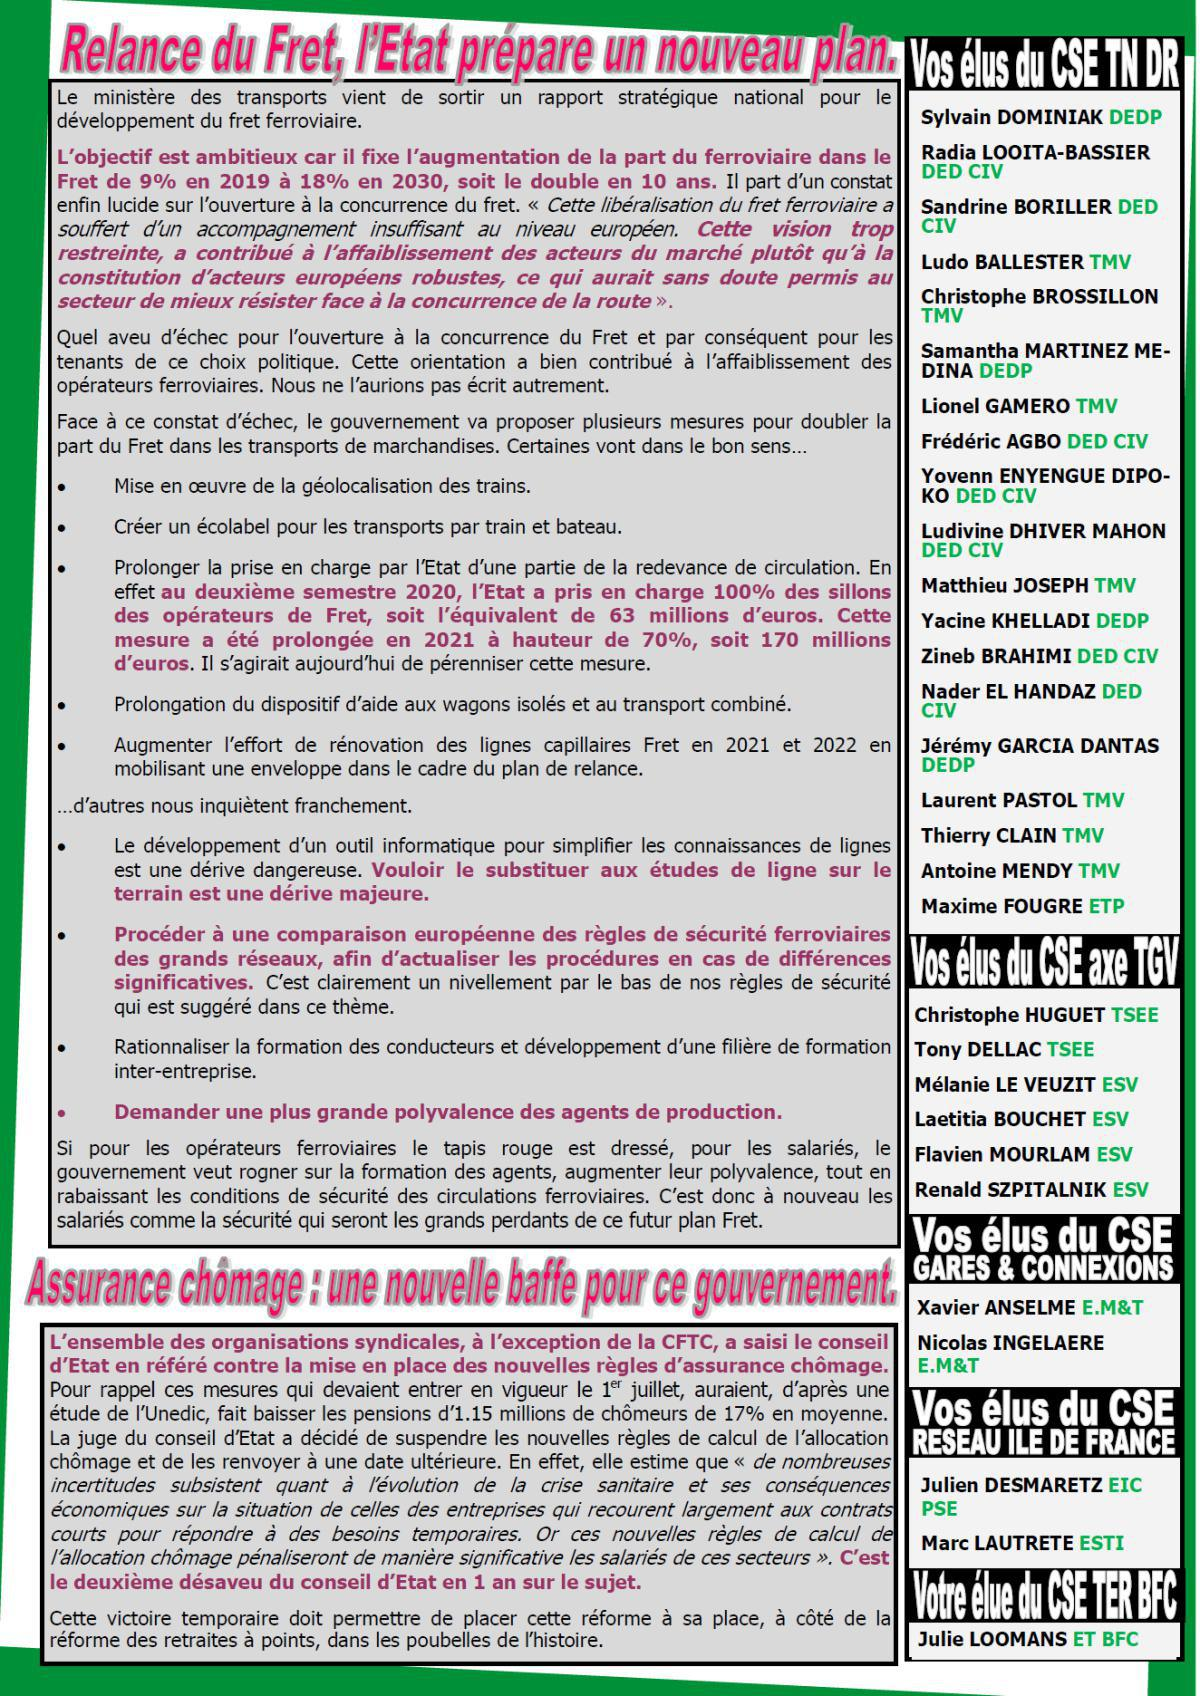 Le journal Luttes Sociales de PSE